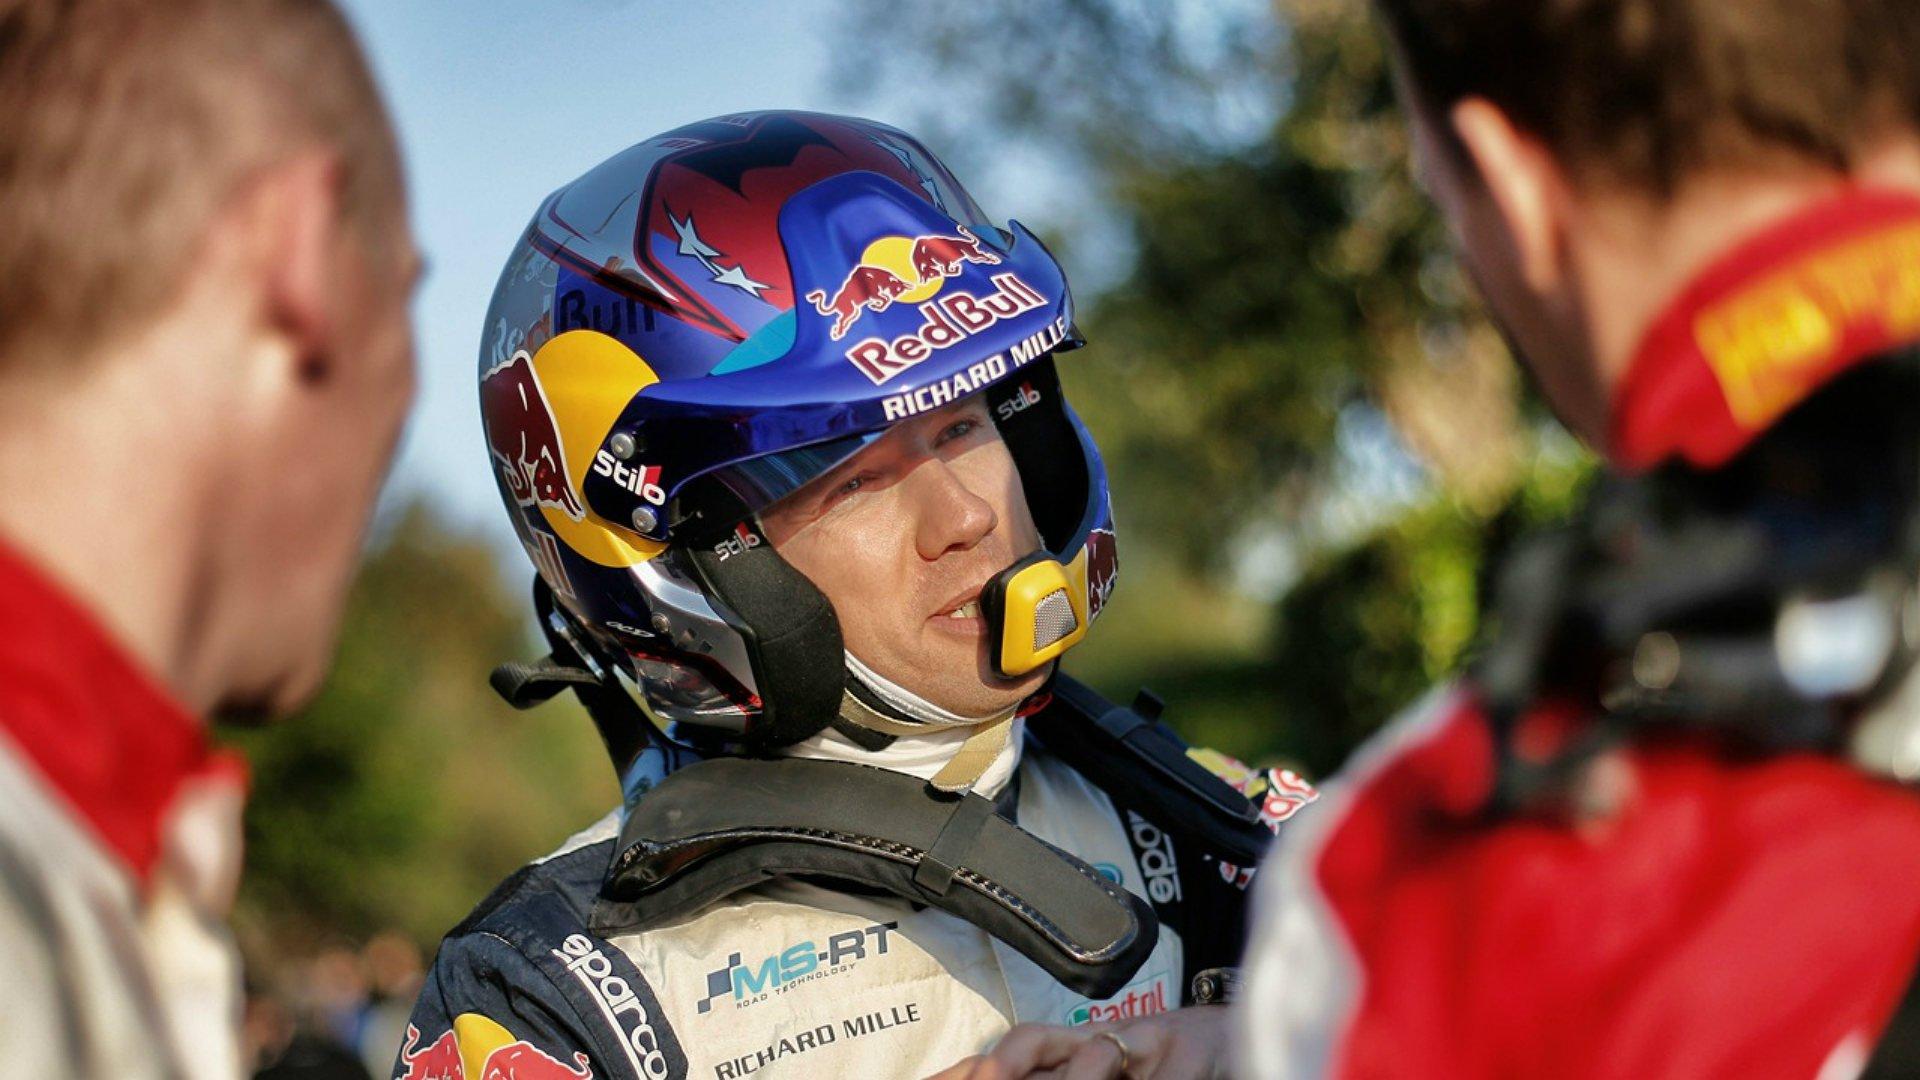 WRC  Започна Рели Корзика  Ожие најбрз на шејкдаунот  Што е ново на ова рели